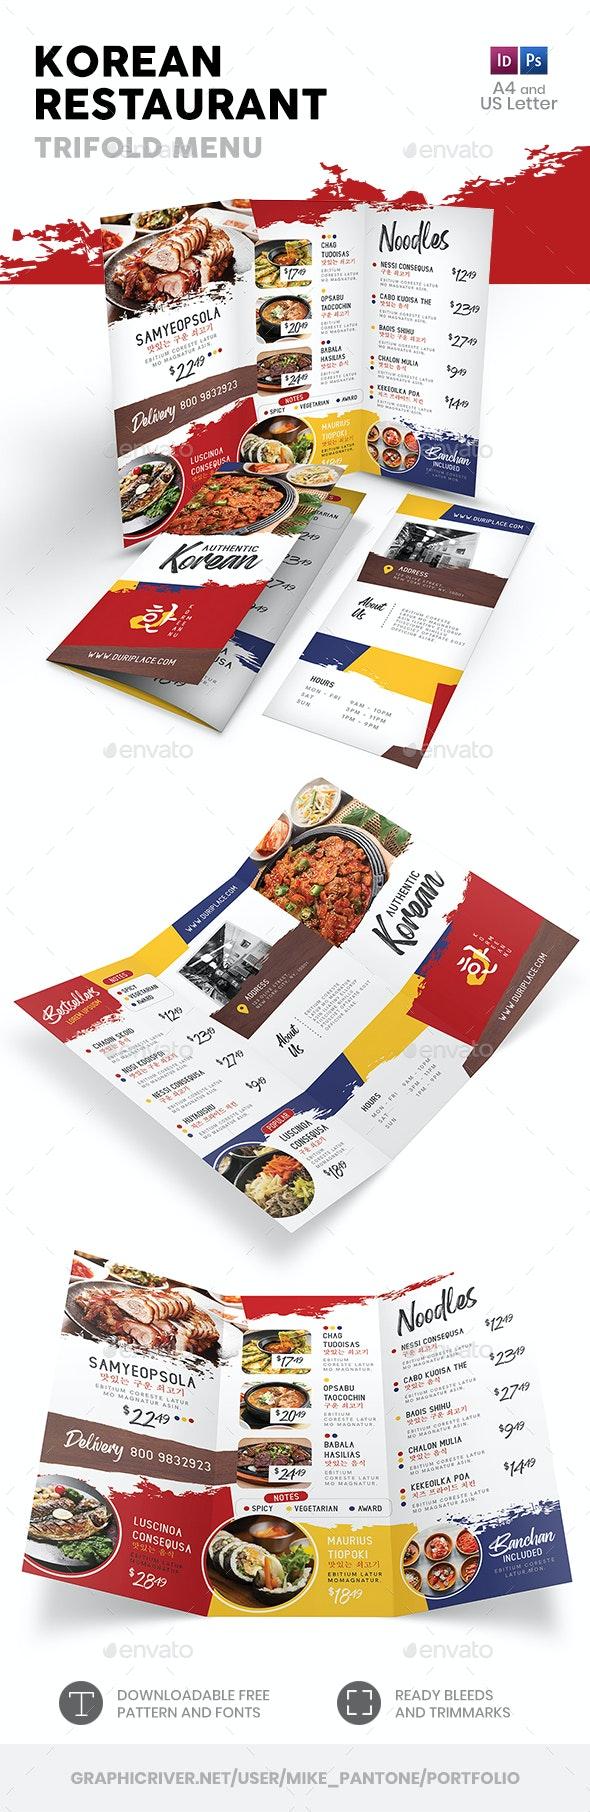 Korean Restaurant Trifold Menu 3 - Food Menus Print Templates